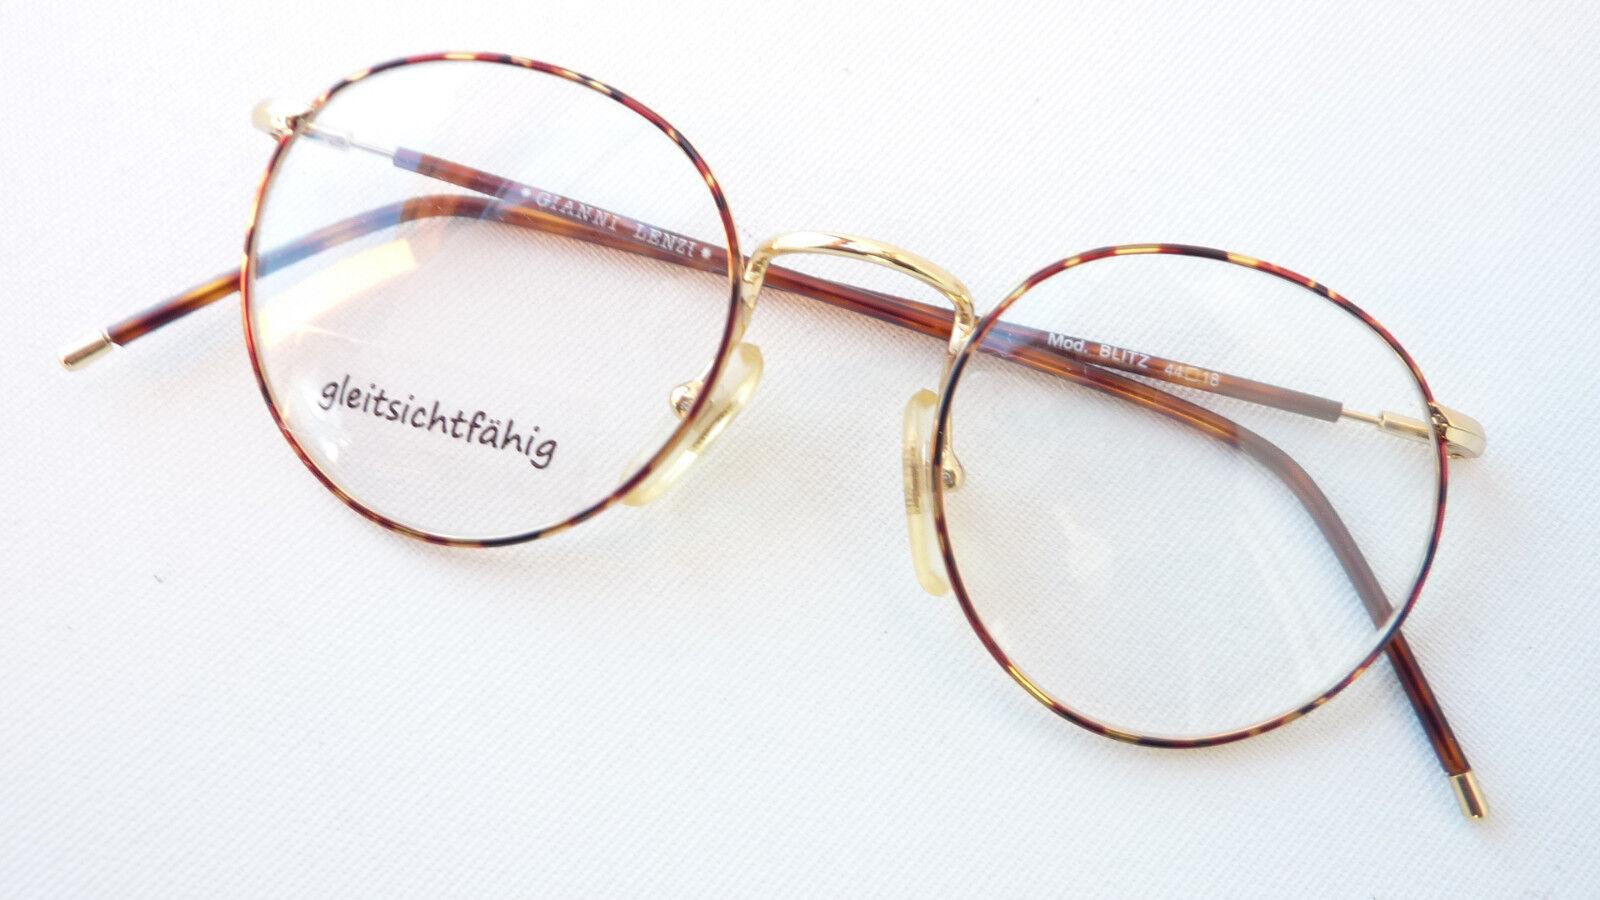 Brille Brillenfassung gold braun havanna Pantoform rund klein leicht neu Gr:S